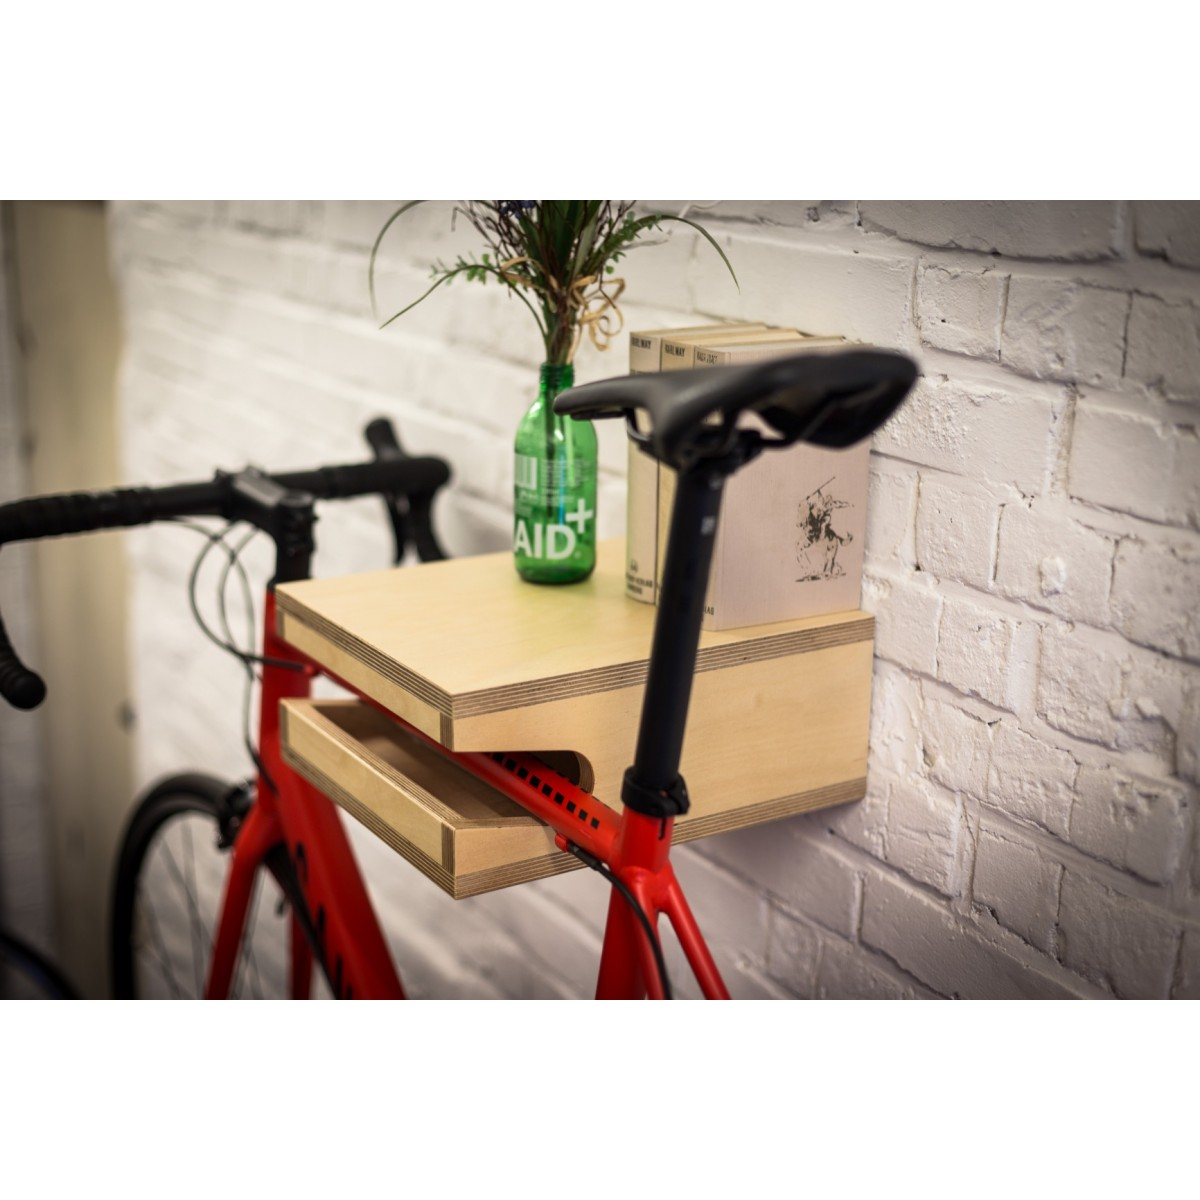 FRIEDRICH | Fahrrad Wandhalterung aus Holz | Fahrradwandhalter